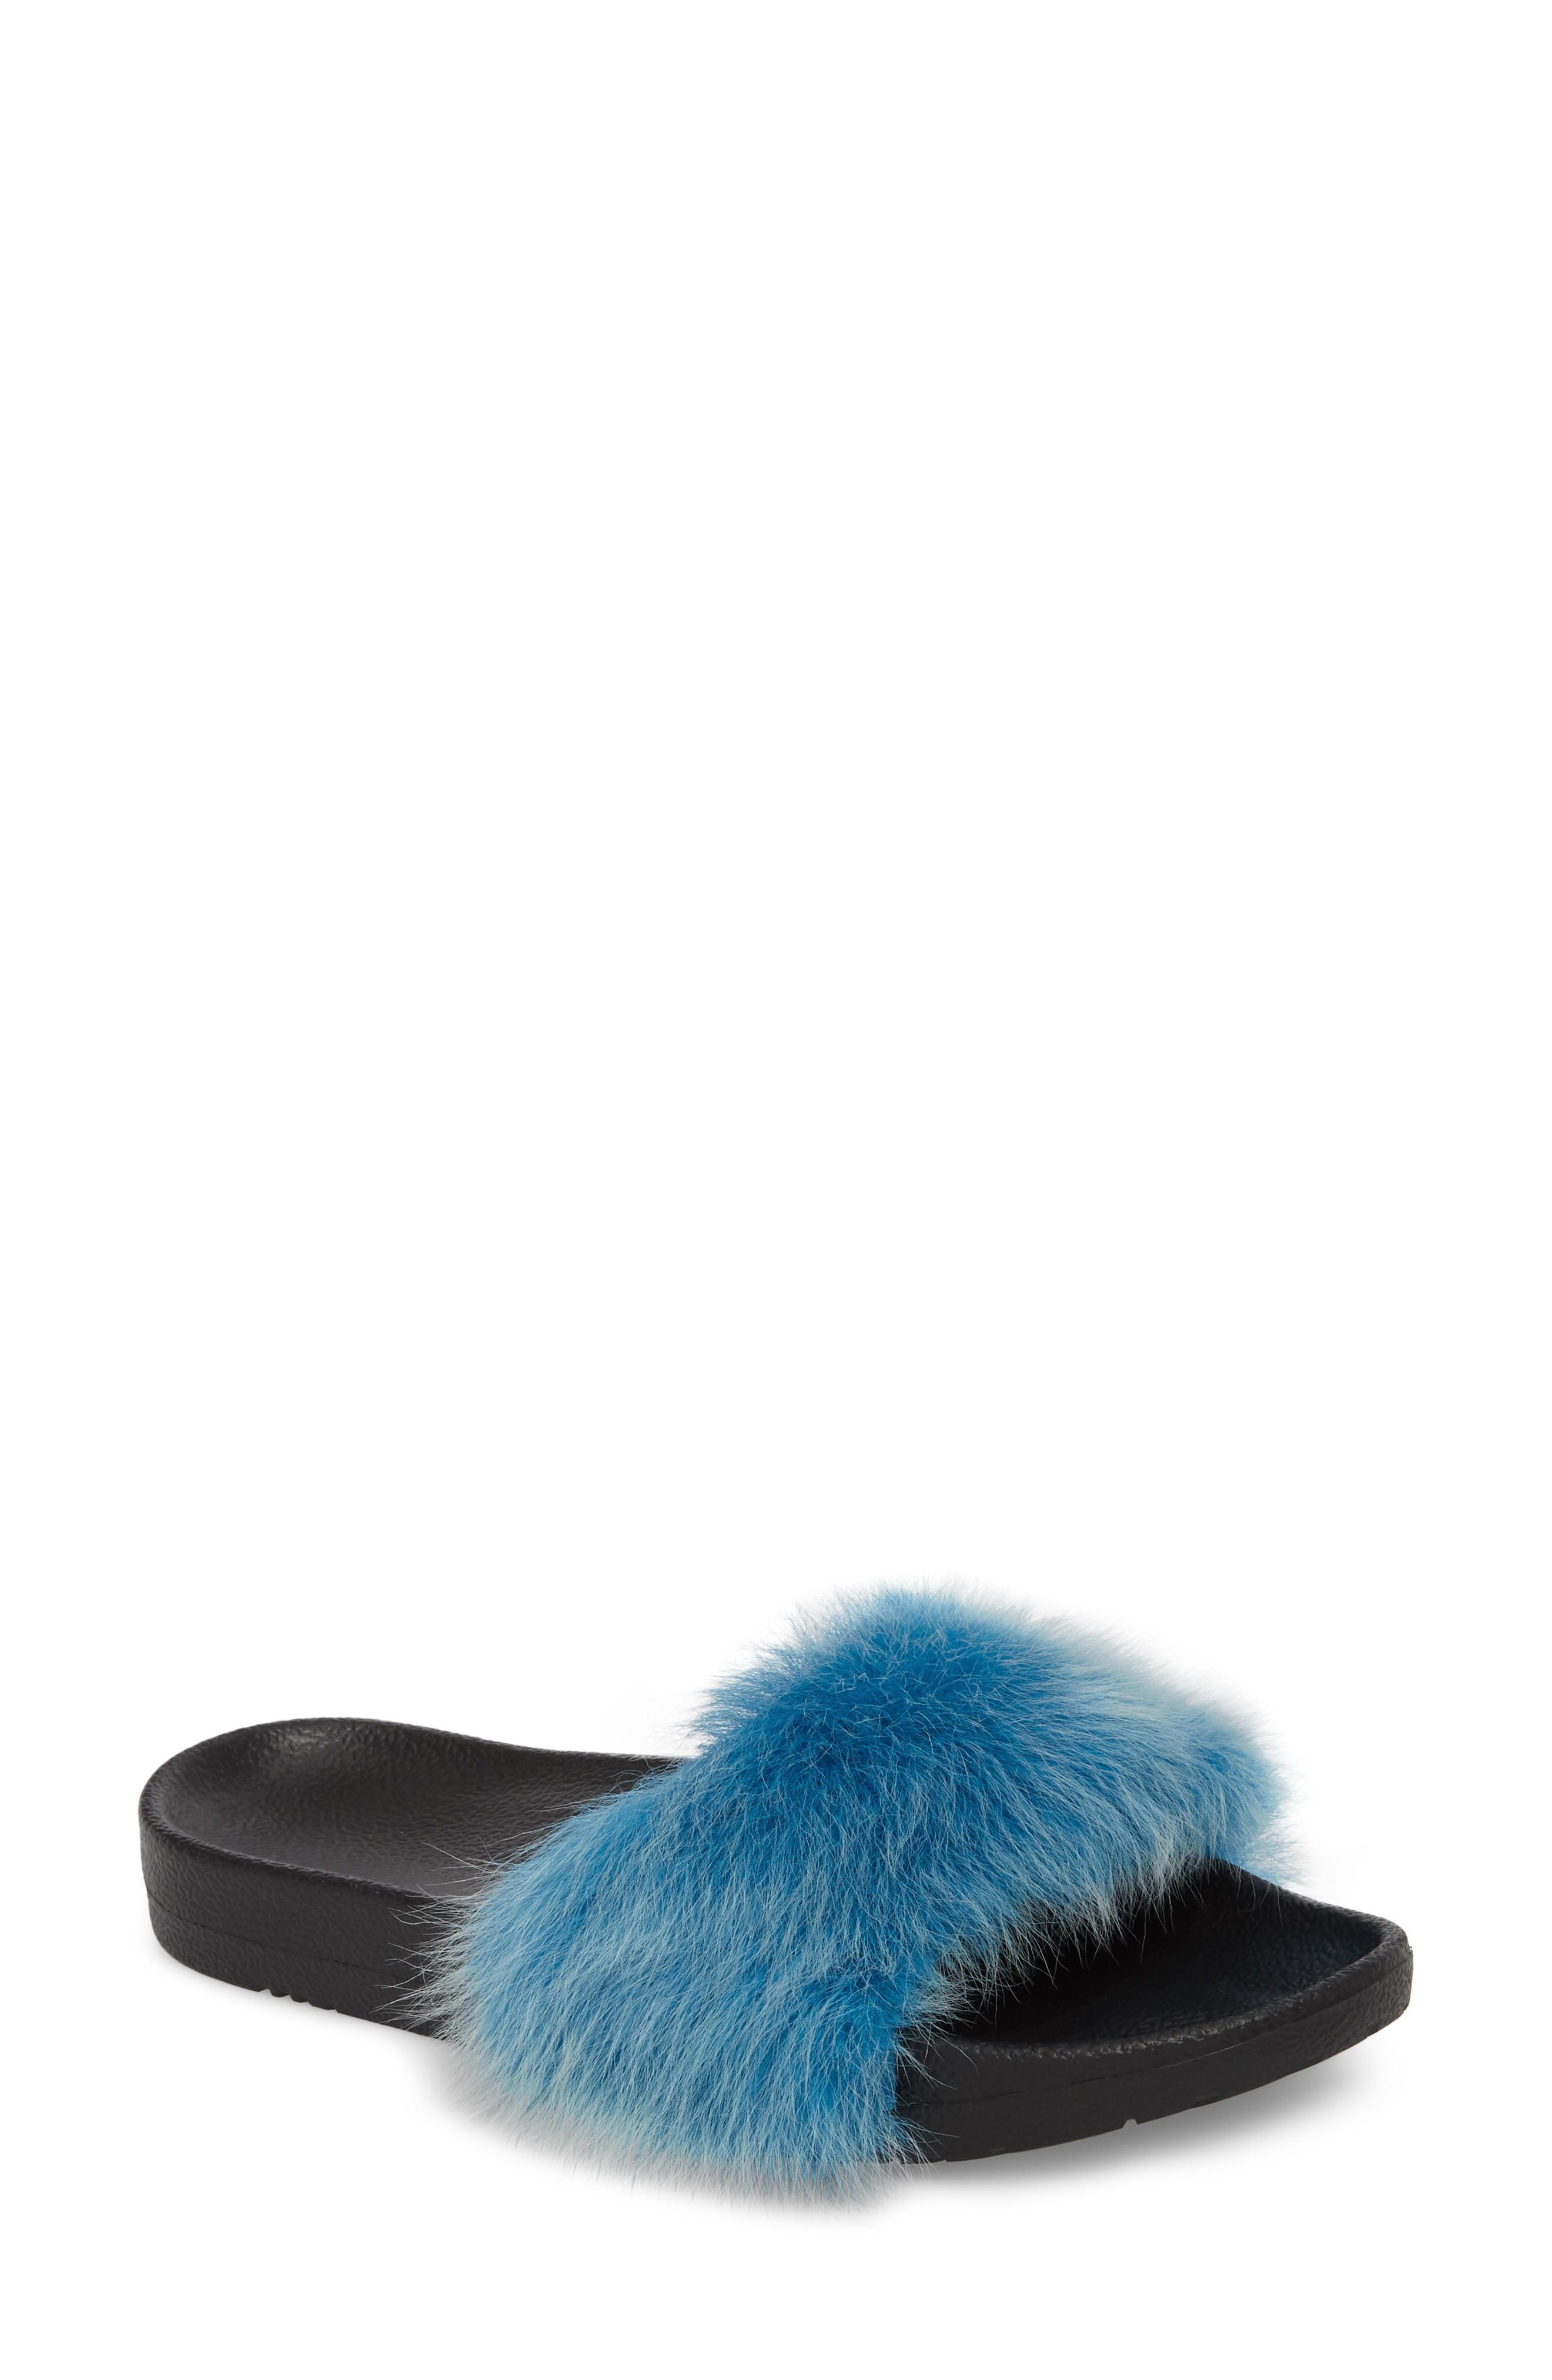 52b497442 Ugg Royale Genuine Shearling Slide Sandal In Enamel Blue | ModeSens